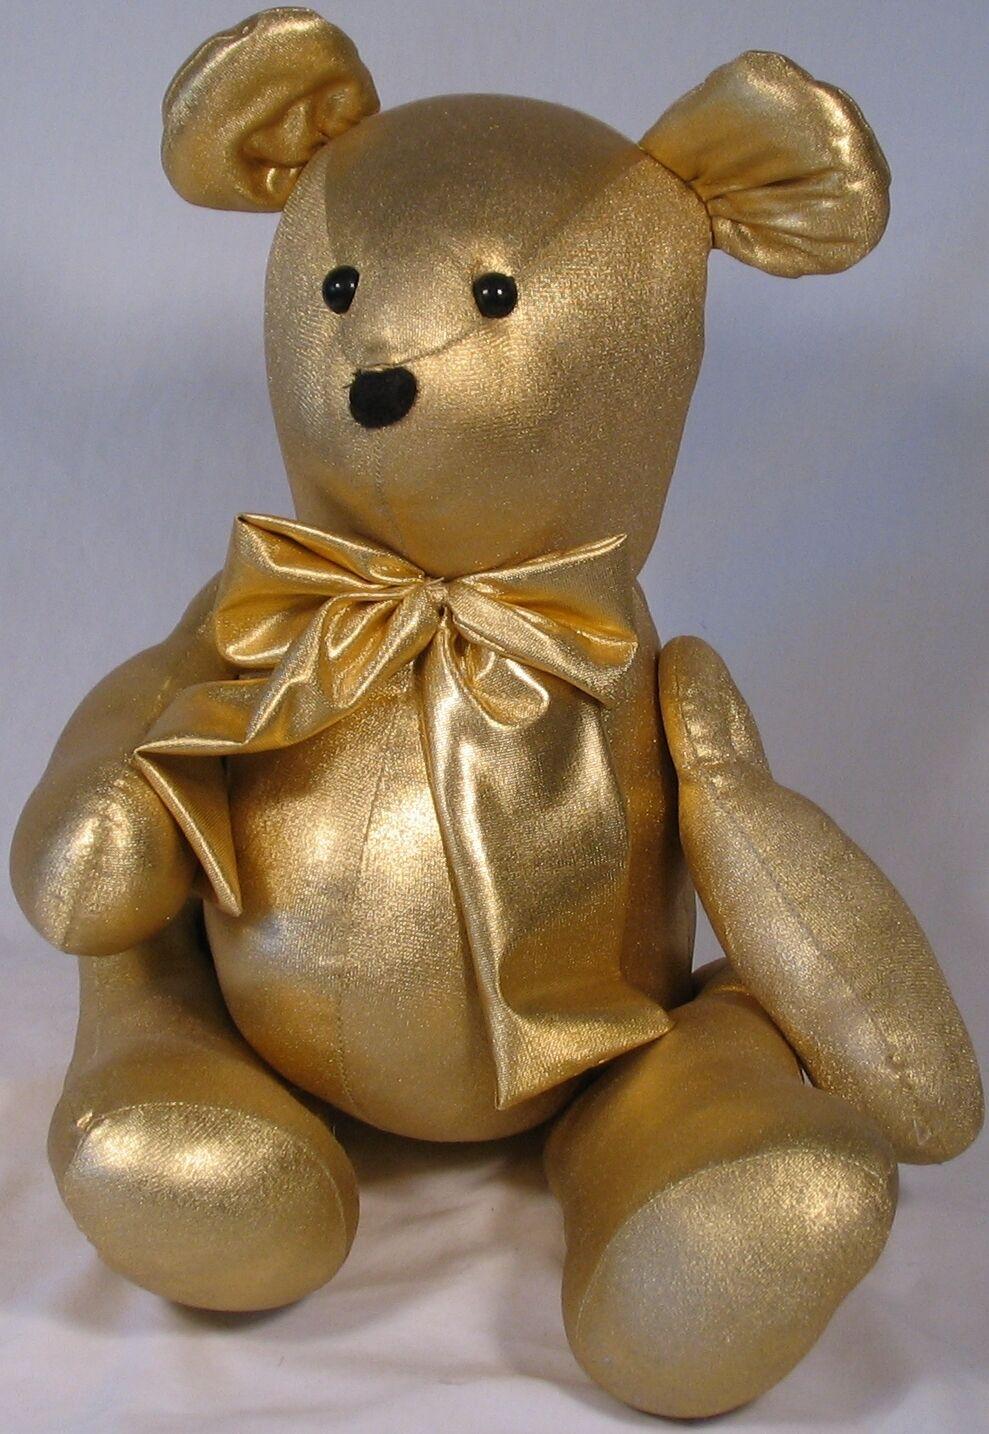 oro Lamé Bear, movable arms & legs, 17  tall